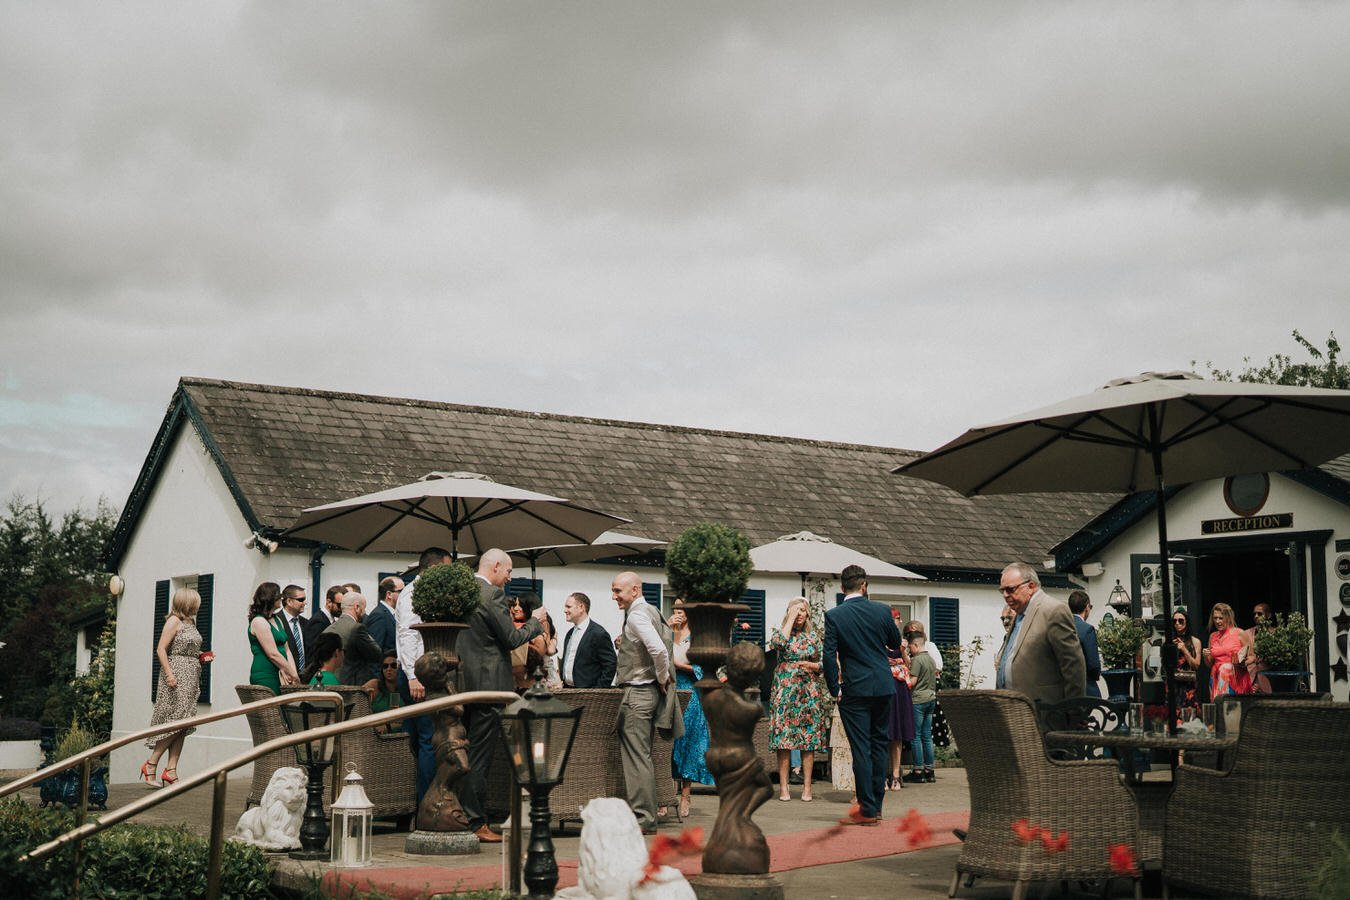 The-Station-House-wedding-Dublin-photographer- 0045 43